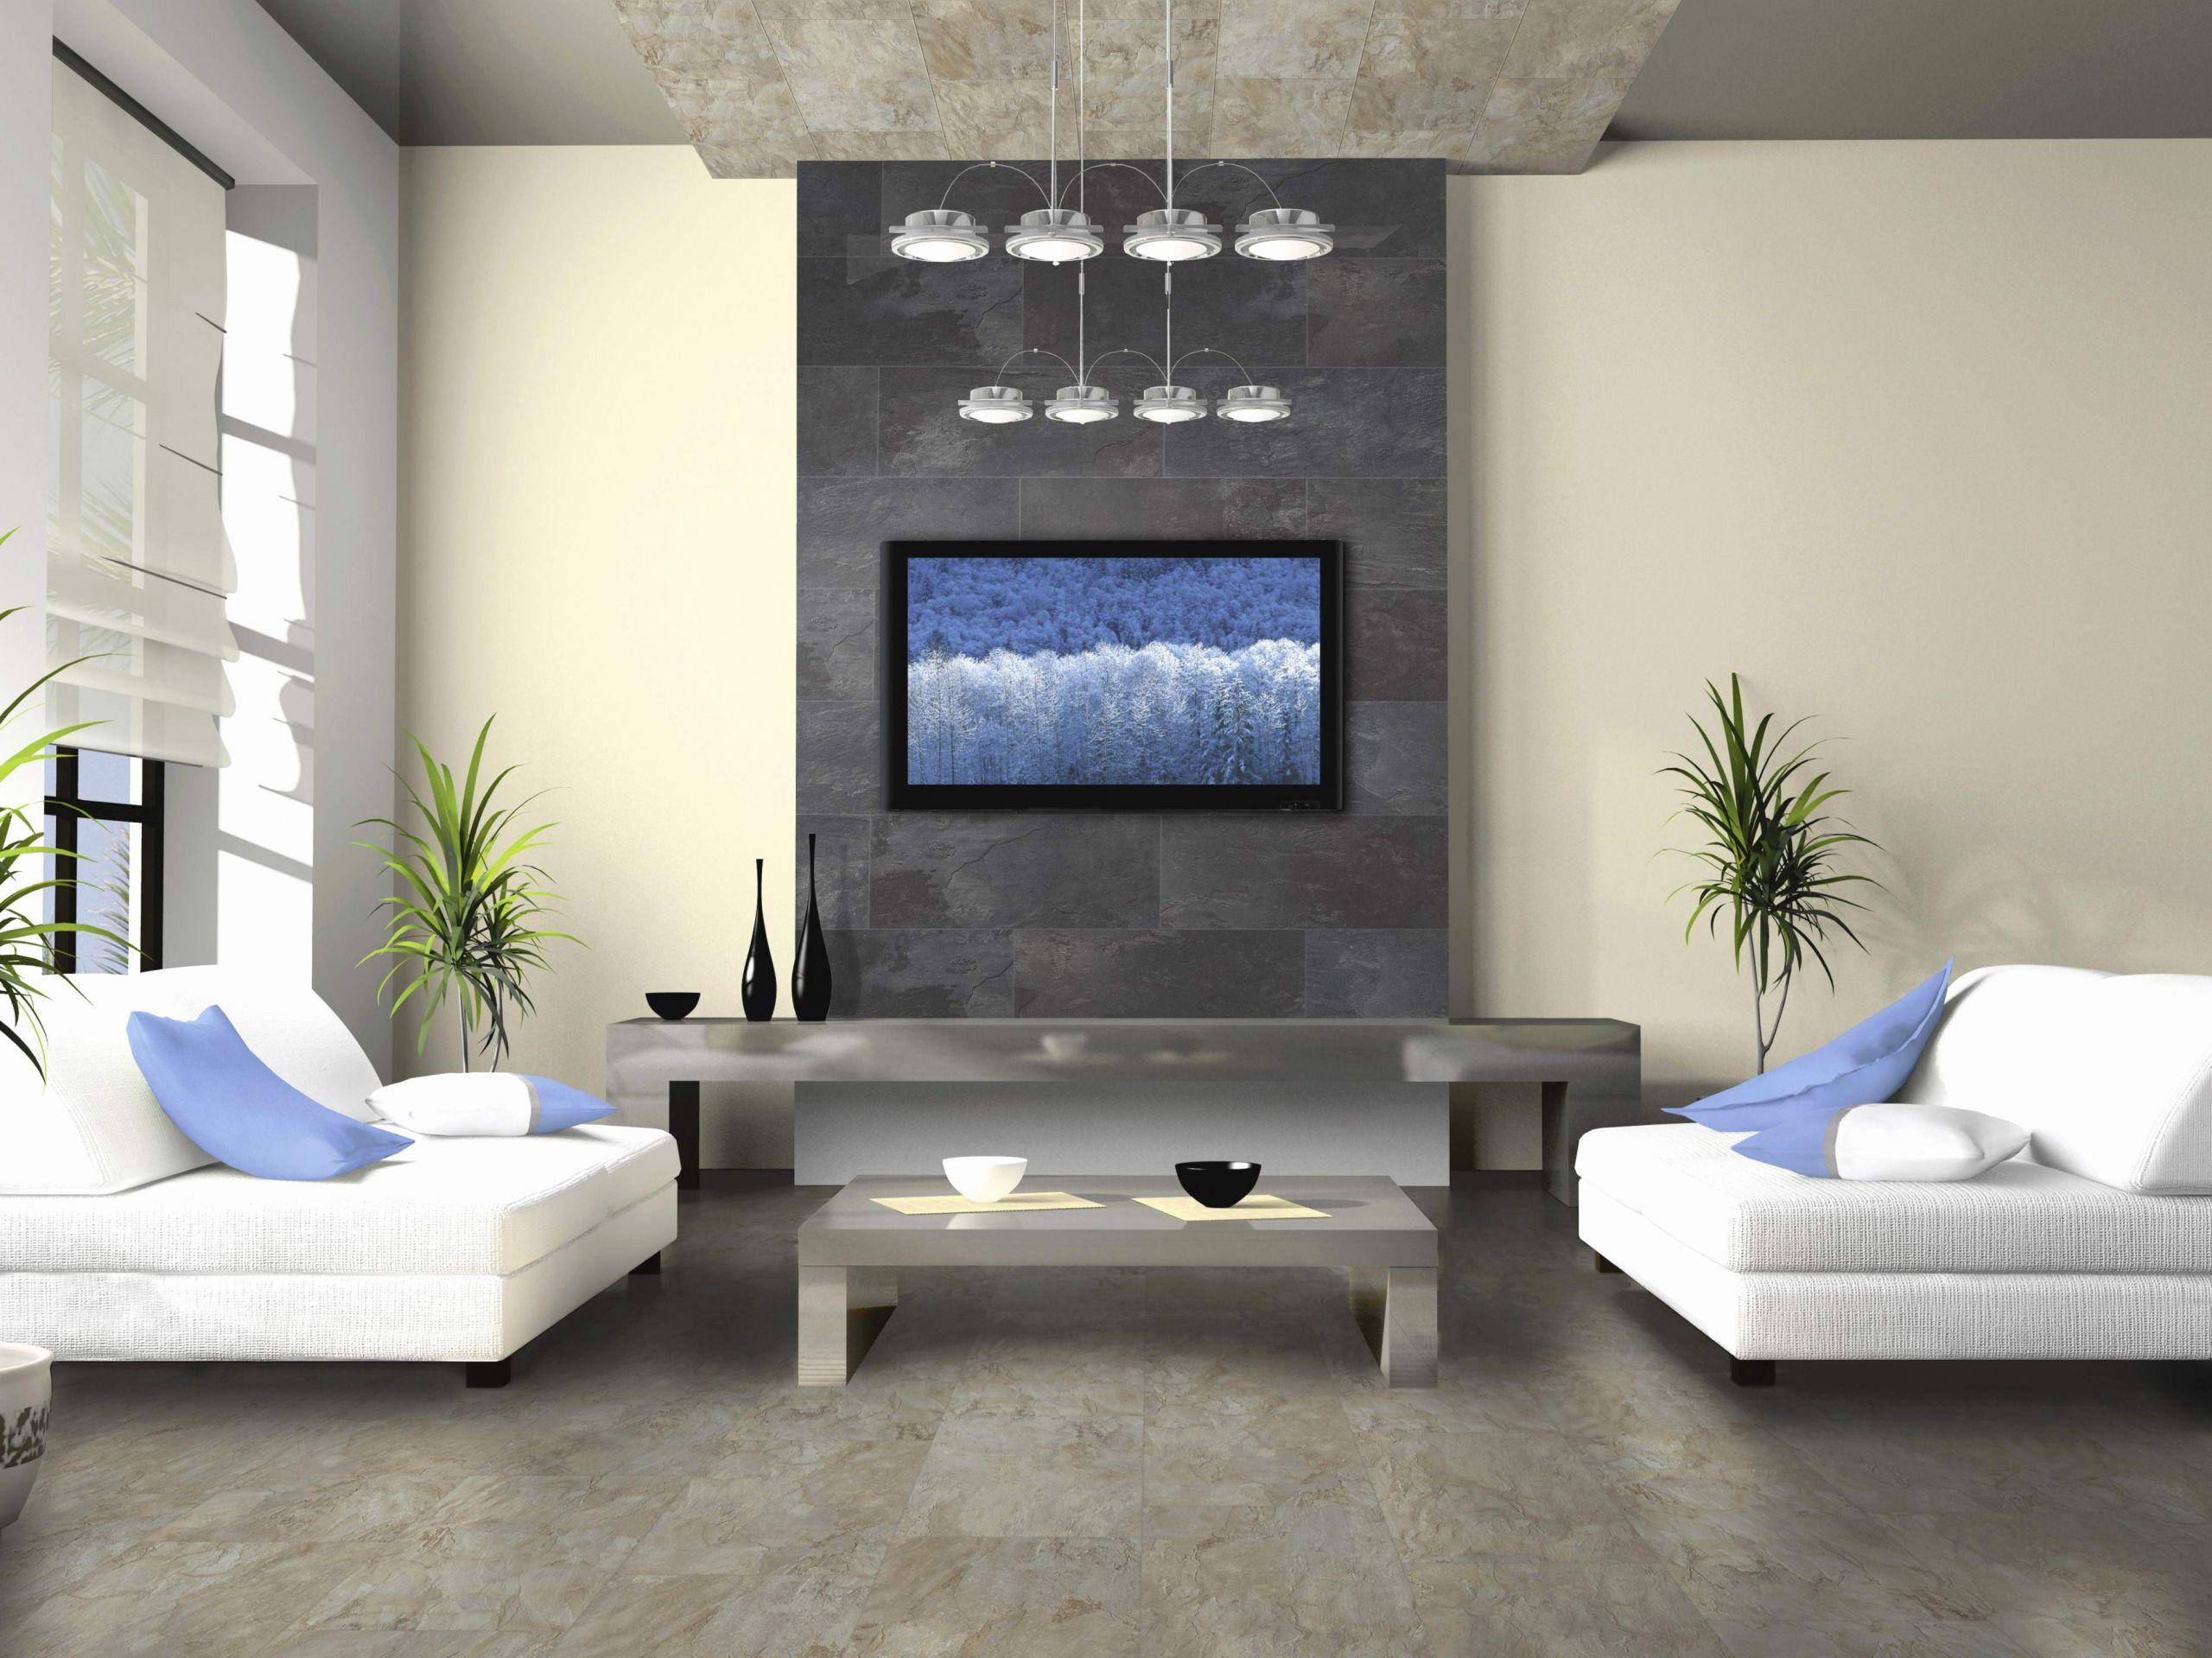 Terrassen Deko Modern Inspirierend Wohnzimmer Pflanze Das Beste Von Deko Ideen Wohnzimmerwand